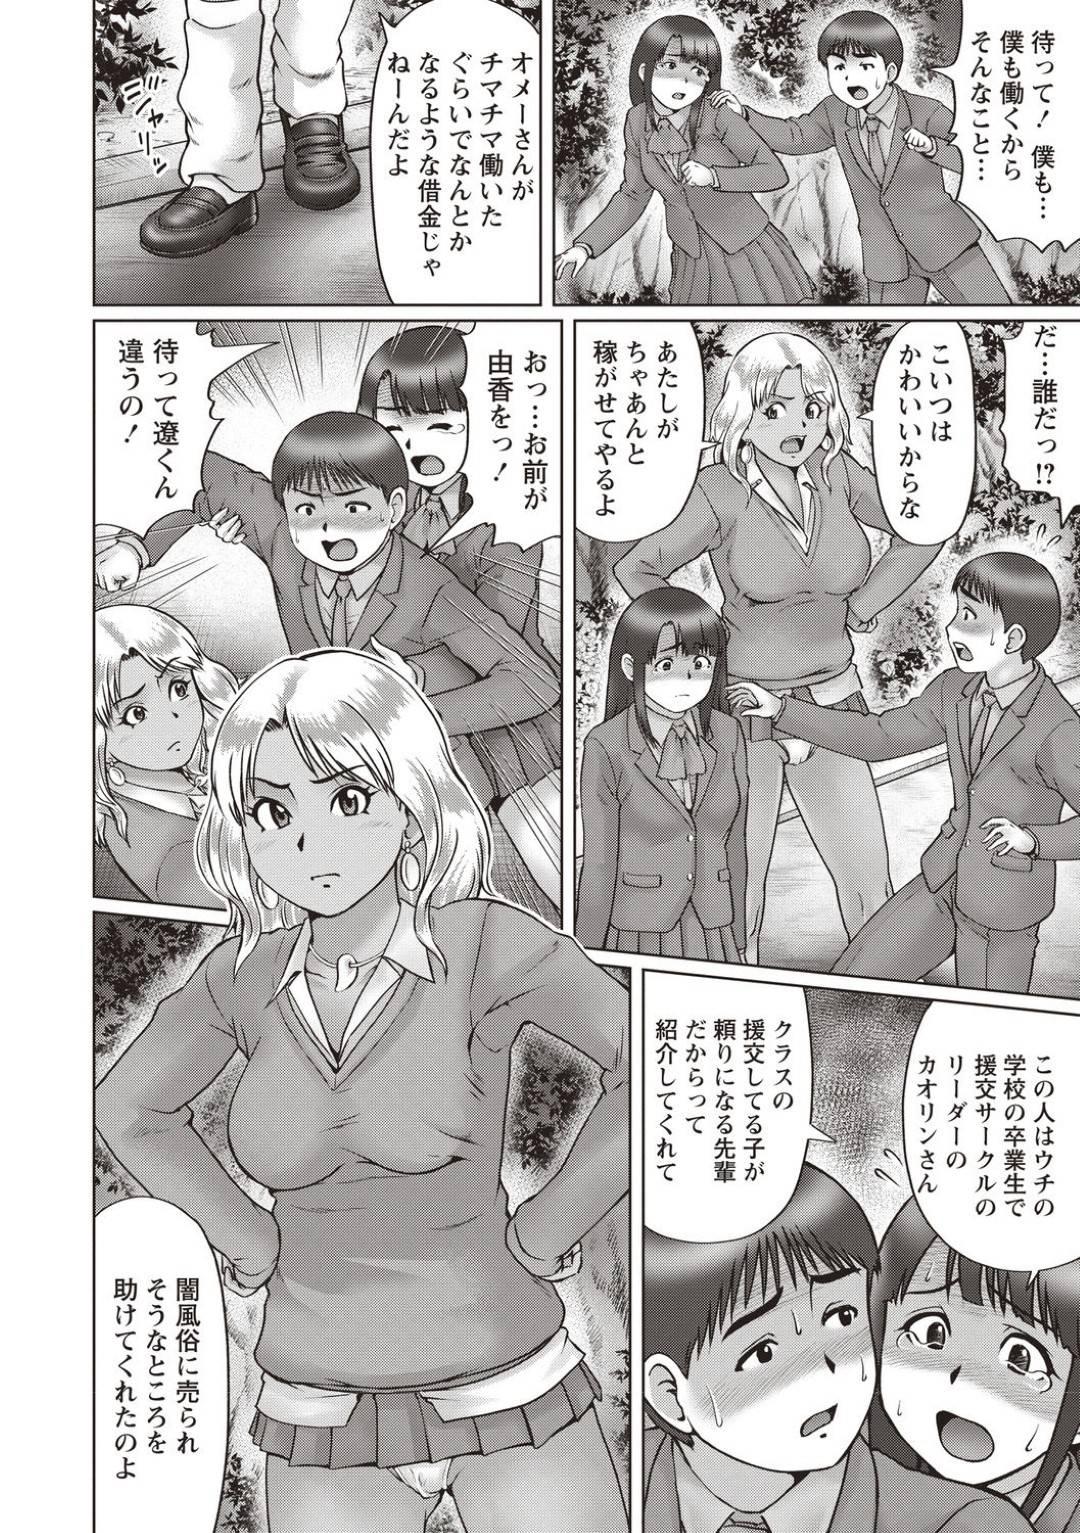 【エロ漫画】親の借金のために援交する真面目JKはきもいおじさんと生ハメセックスで処女を奪われる